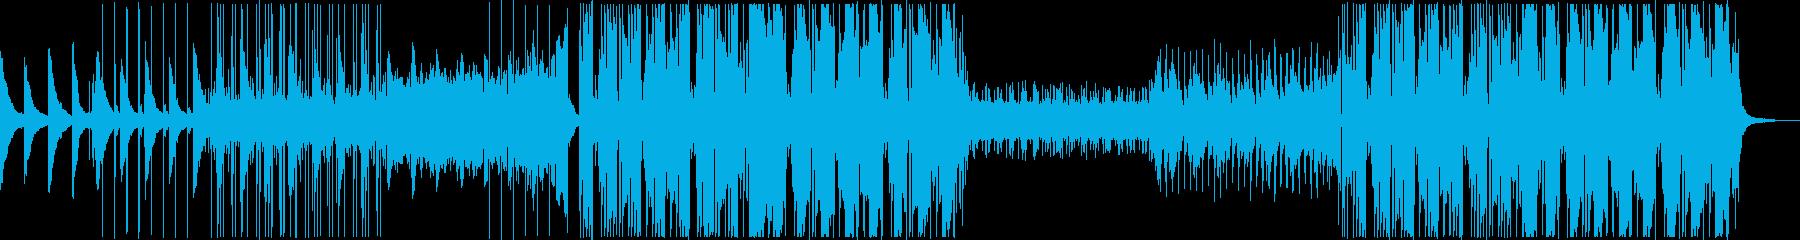 ほのぼのした雰囲気のエレクトロポップの再生済みの波形